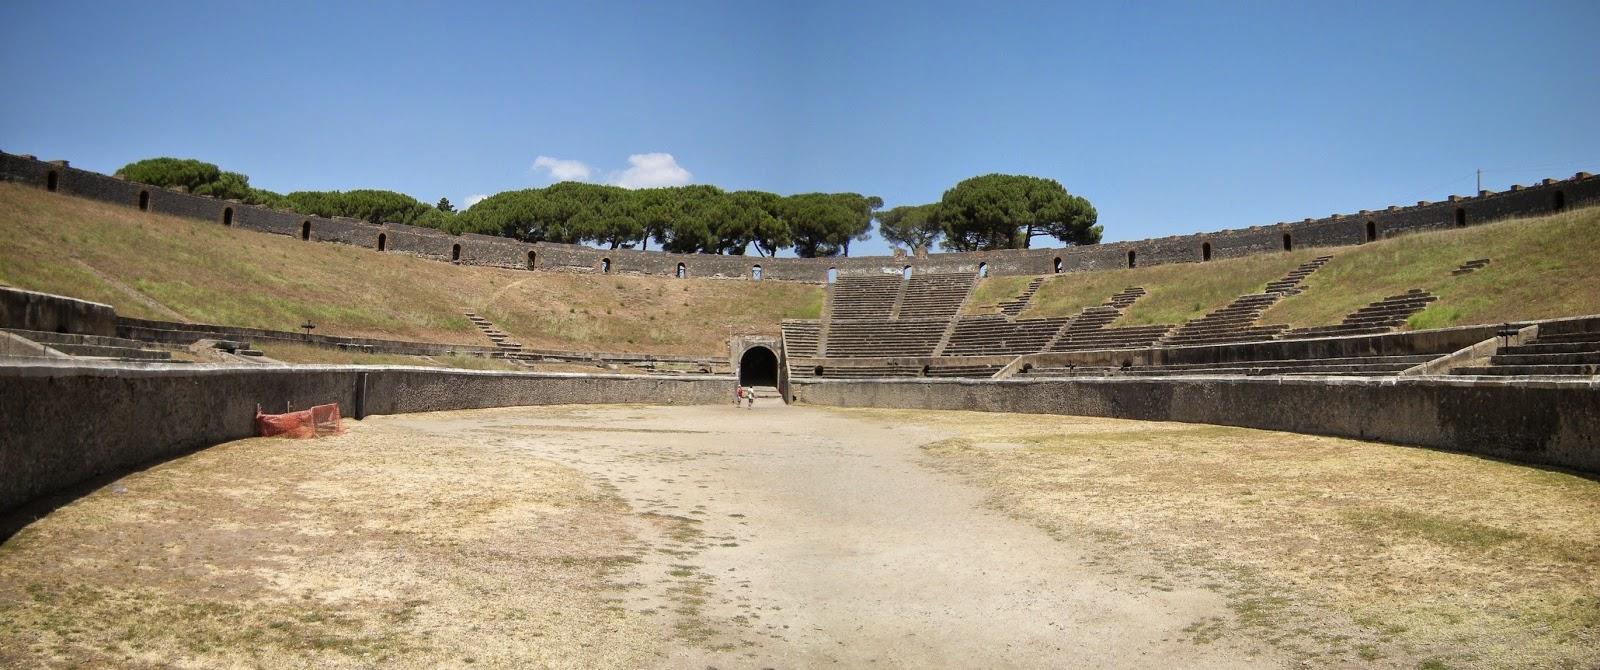 Es el Anfiteatro de piedra más antiguo conocido en Roma